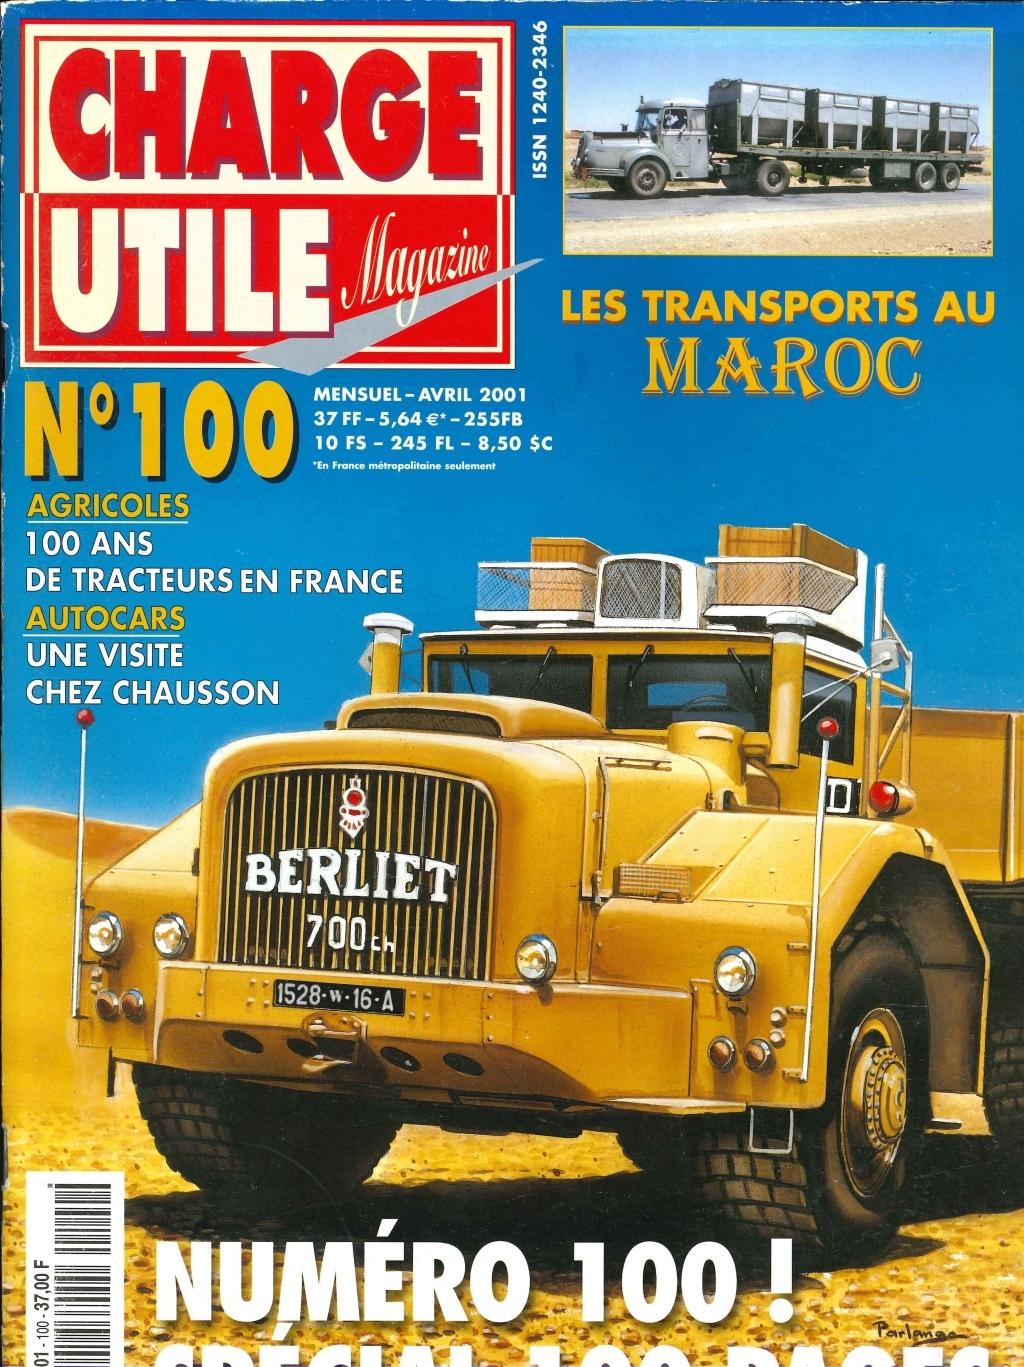 Transport Routier au Maroc - Histoire - Page 2 Clipb246